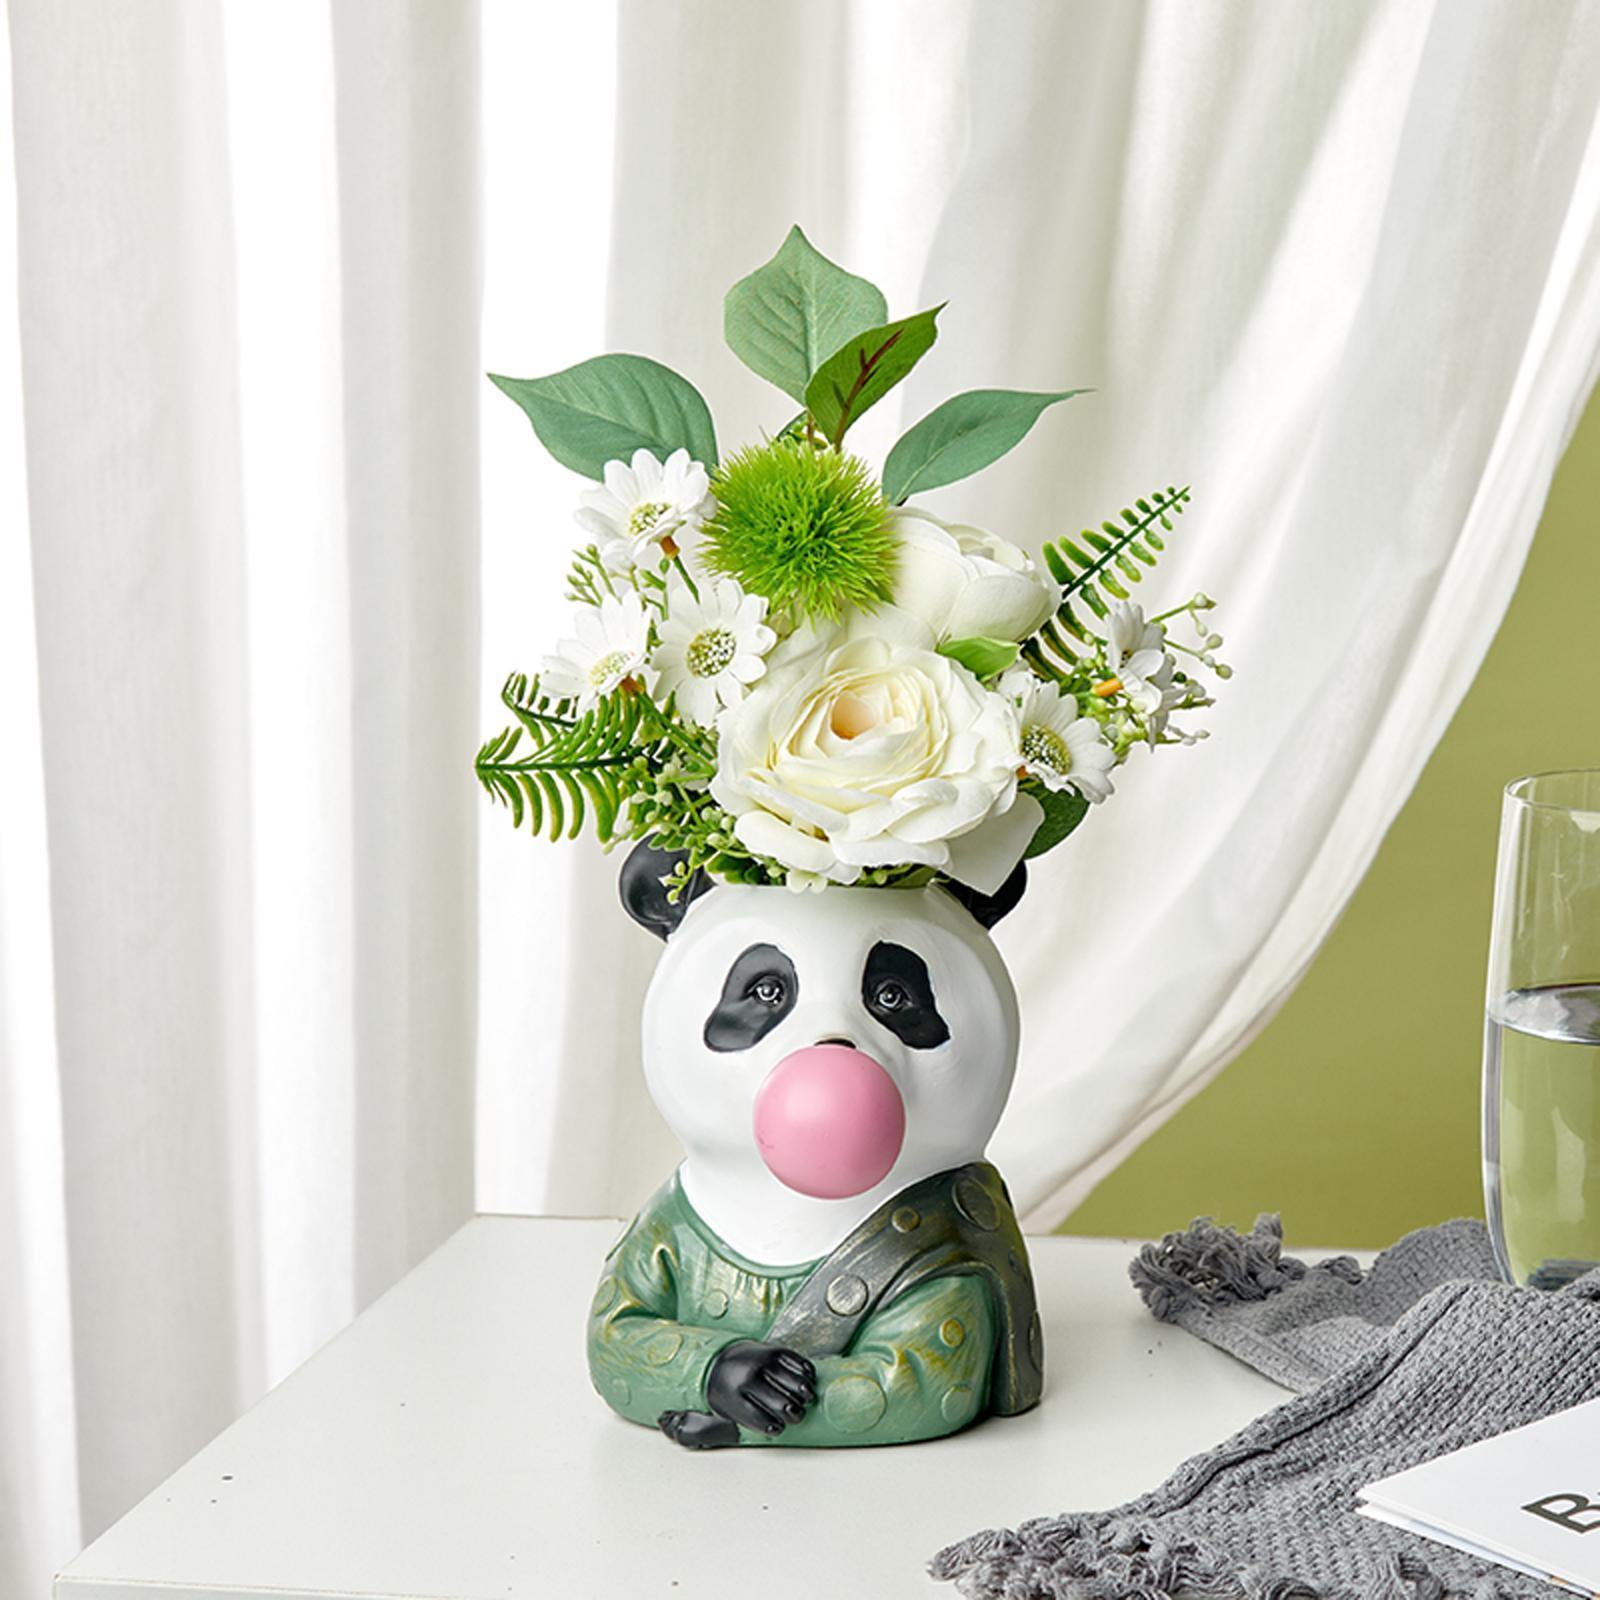 Animal Head Shape Dry Flower Vase Planter Pot Resin Home